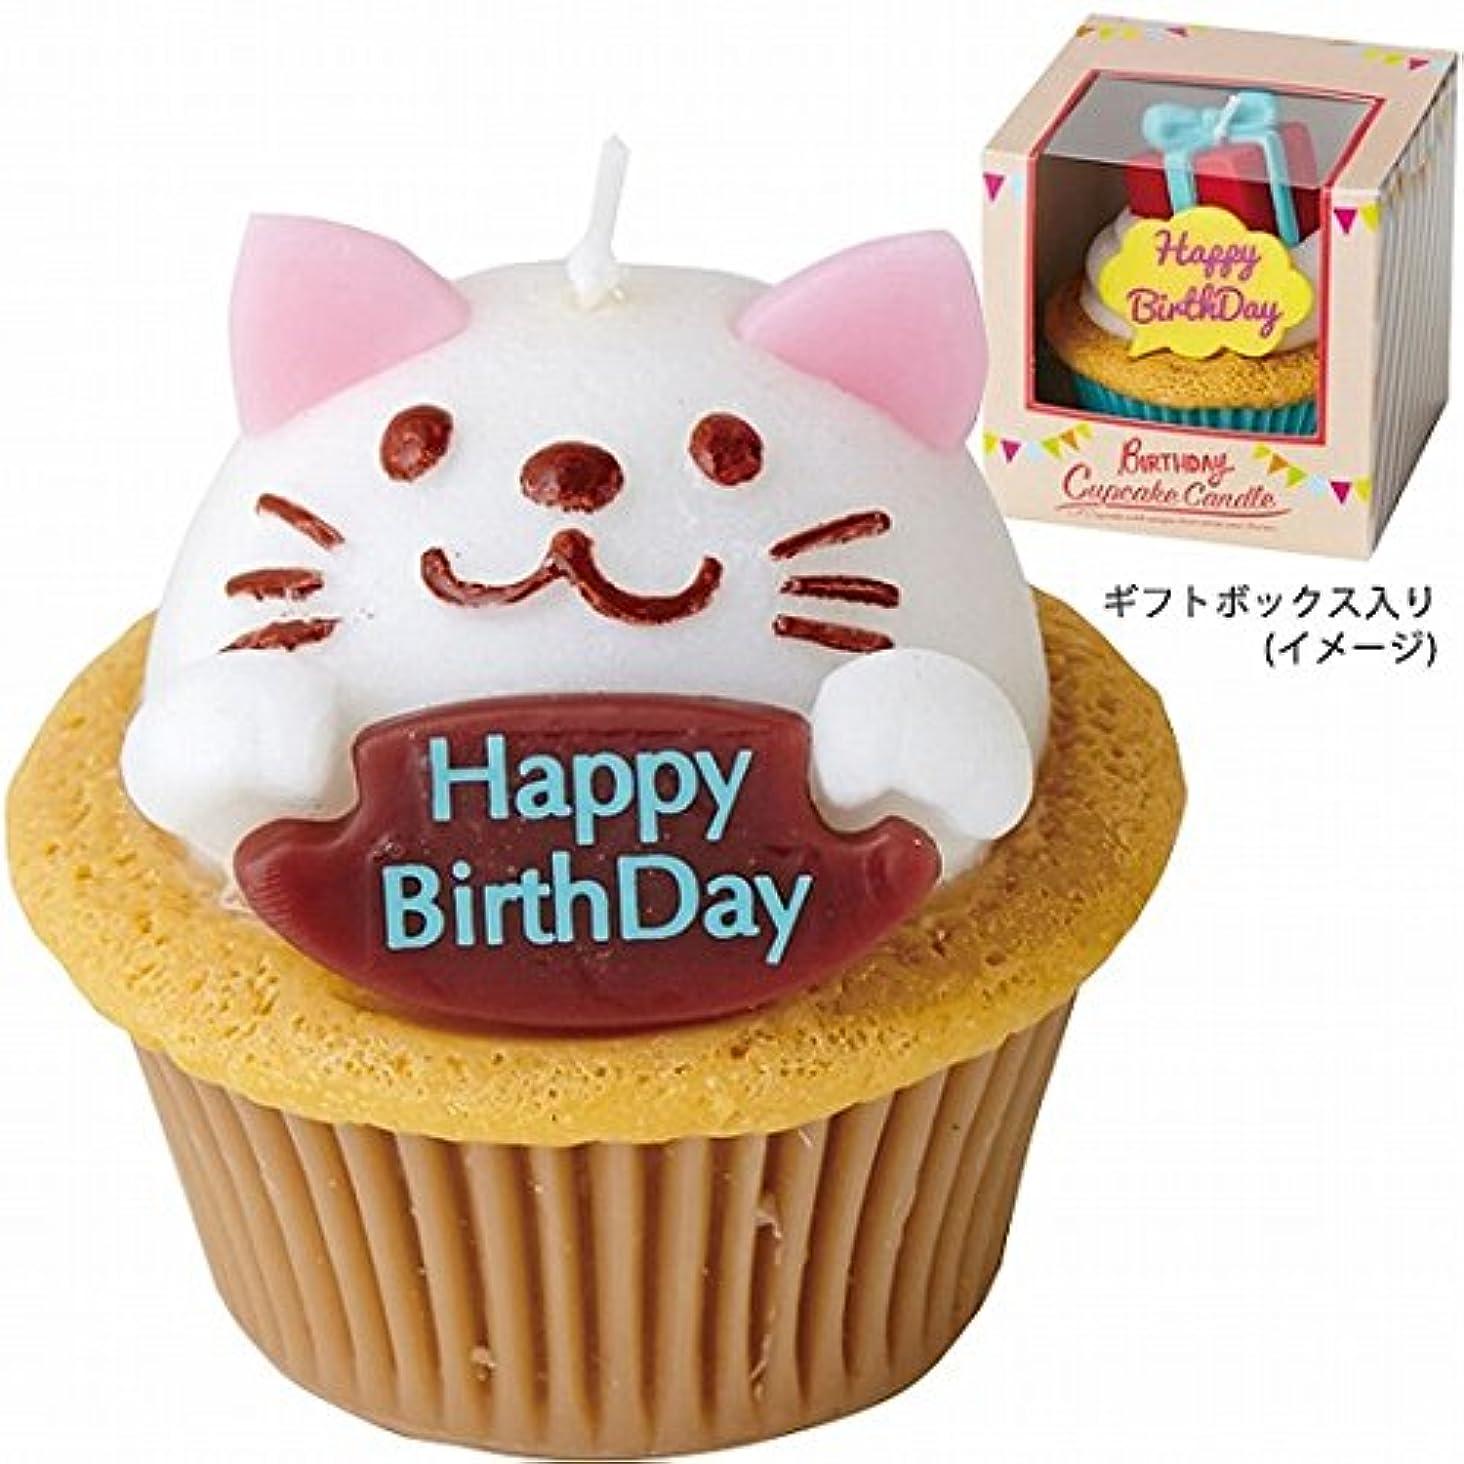 抑圧するタイマー本会議カメヤマキャンドル( kameyama candle ) バースデーカップケーキキャンドル 「キャット」